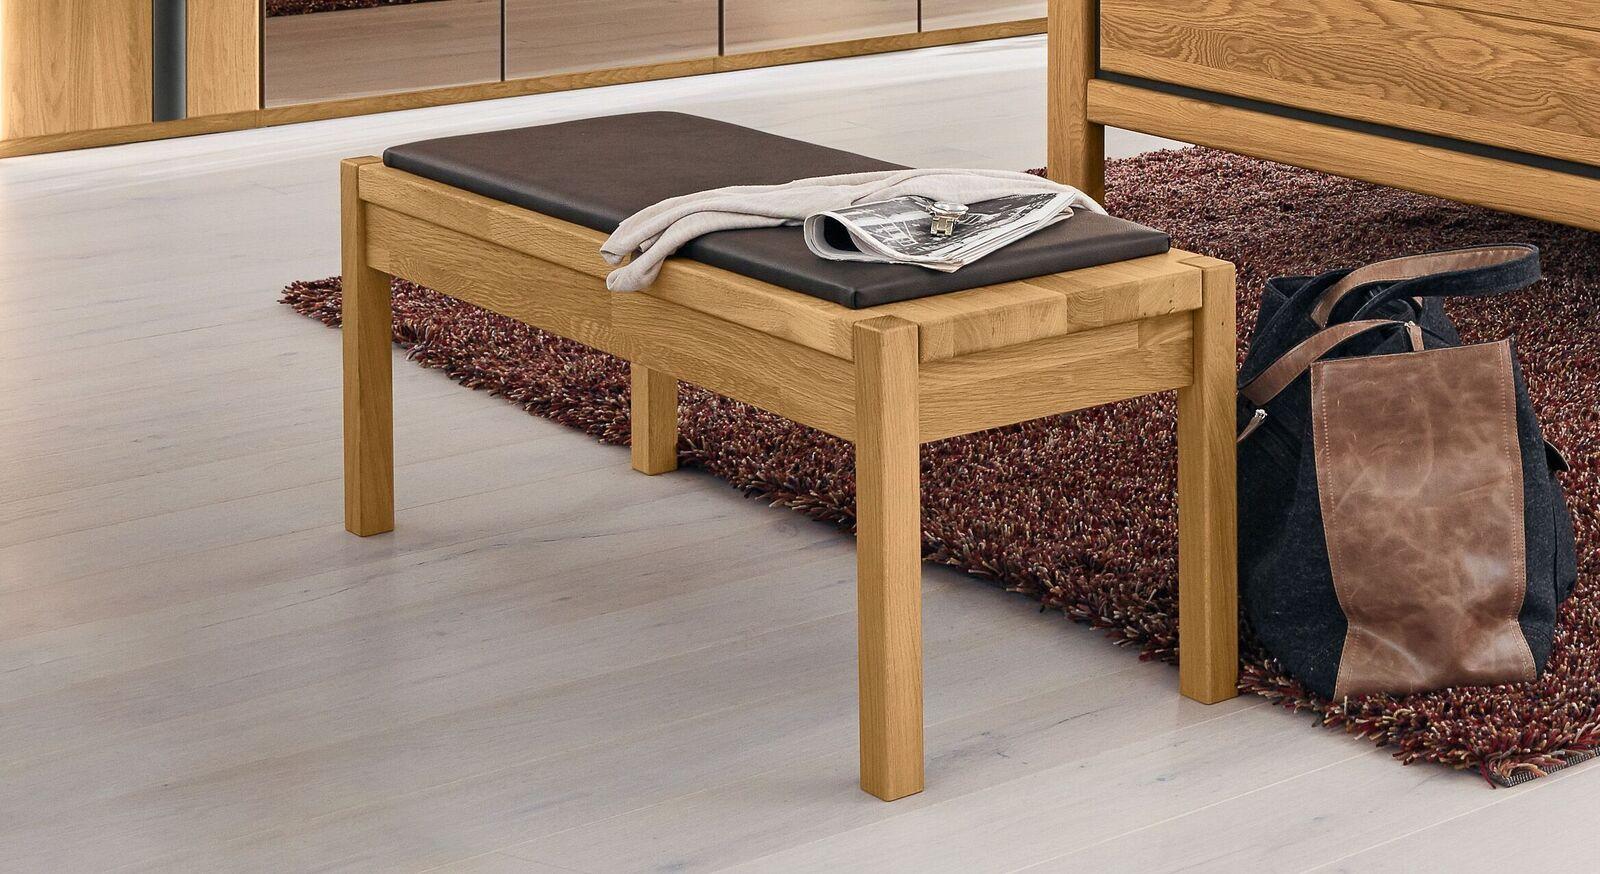 MUSTERRING Bettbank Sorrent inklusive Sitzkissen